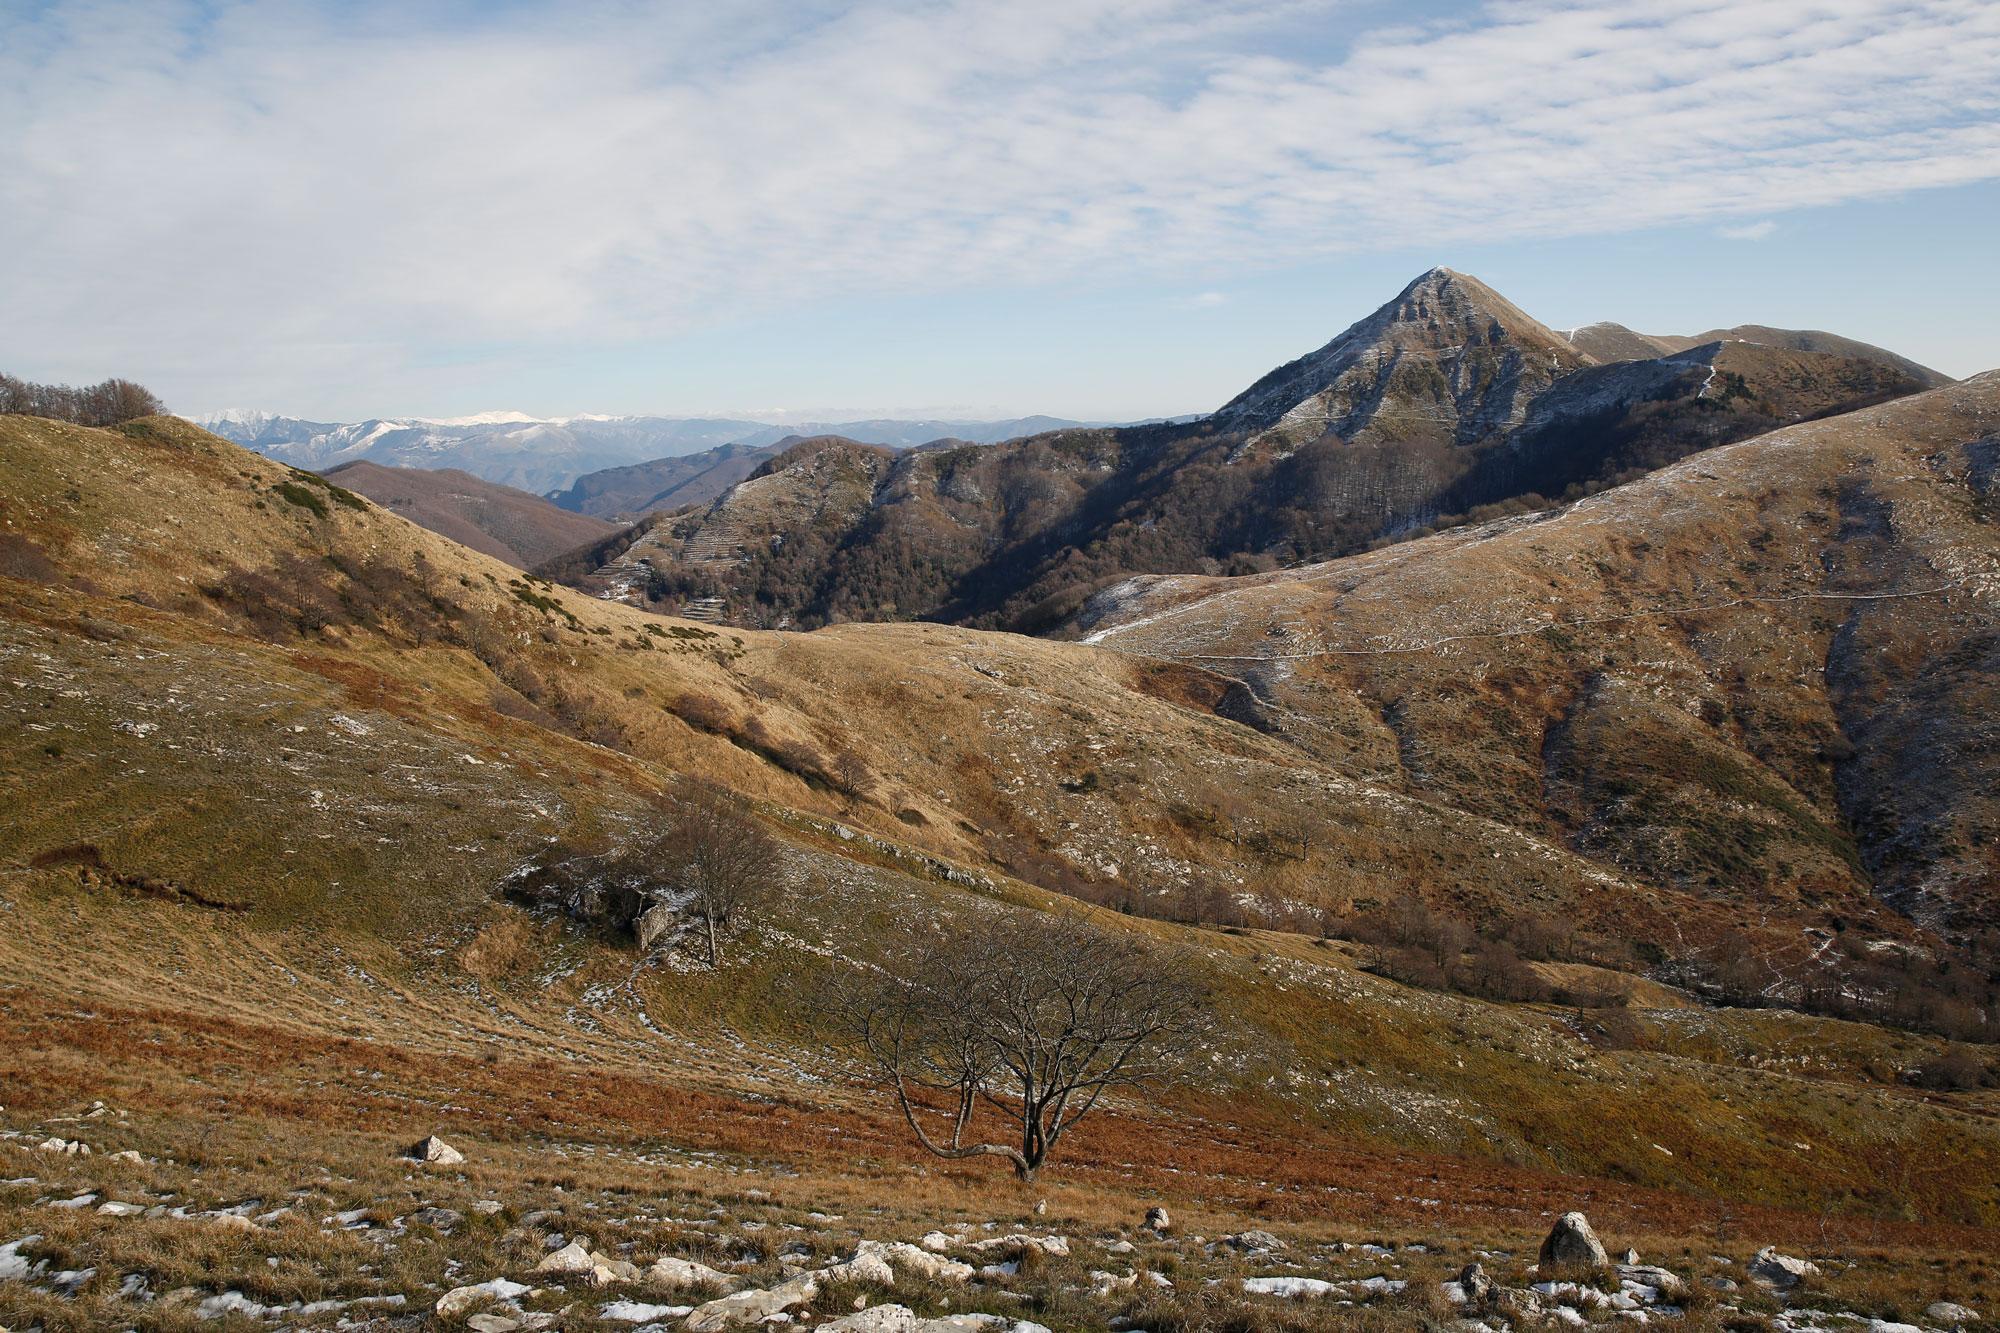 La vetta del Piglione e la foce del Termine o del Crocione, Apuane meridionali.